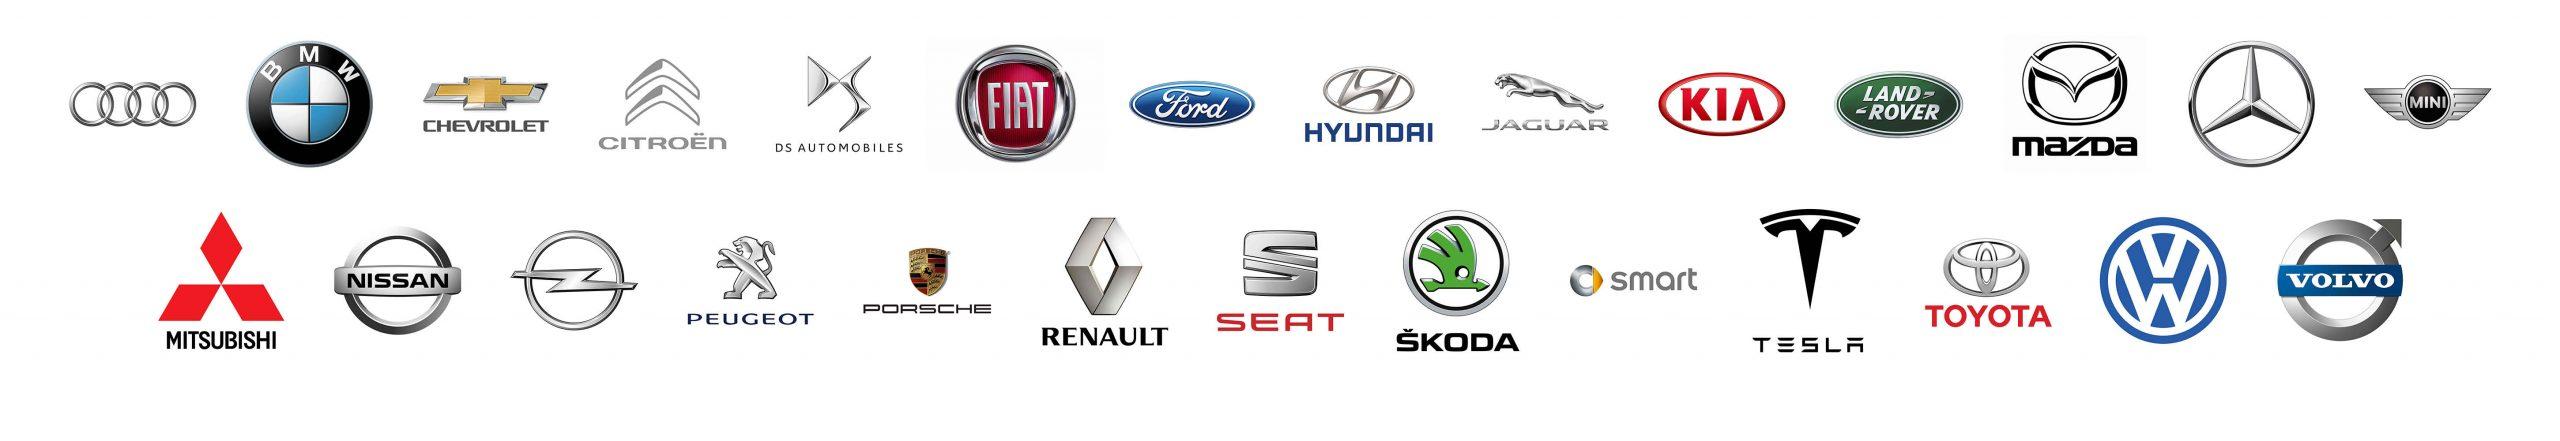 rappresentazione in loghi case automobilistiche compatibili con sistema di ricarica dazatechnology